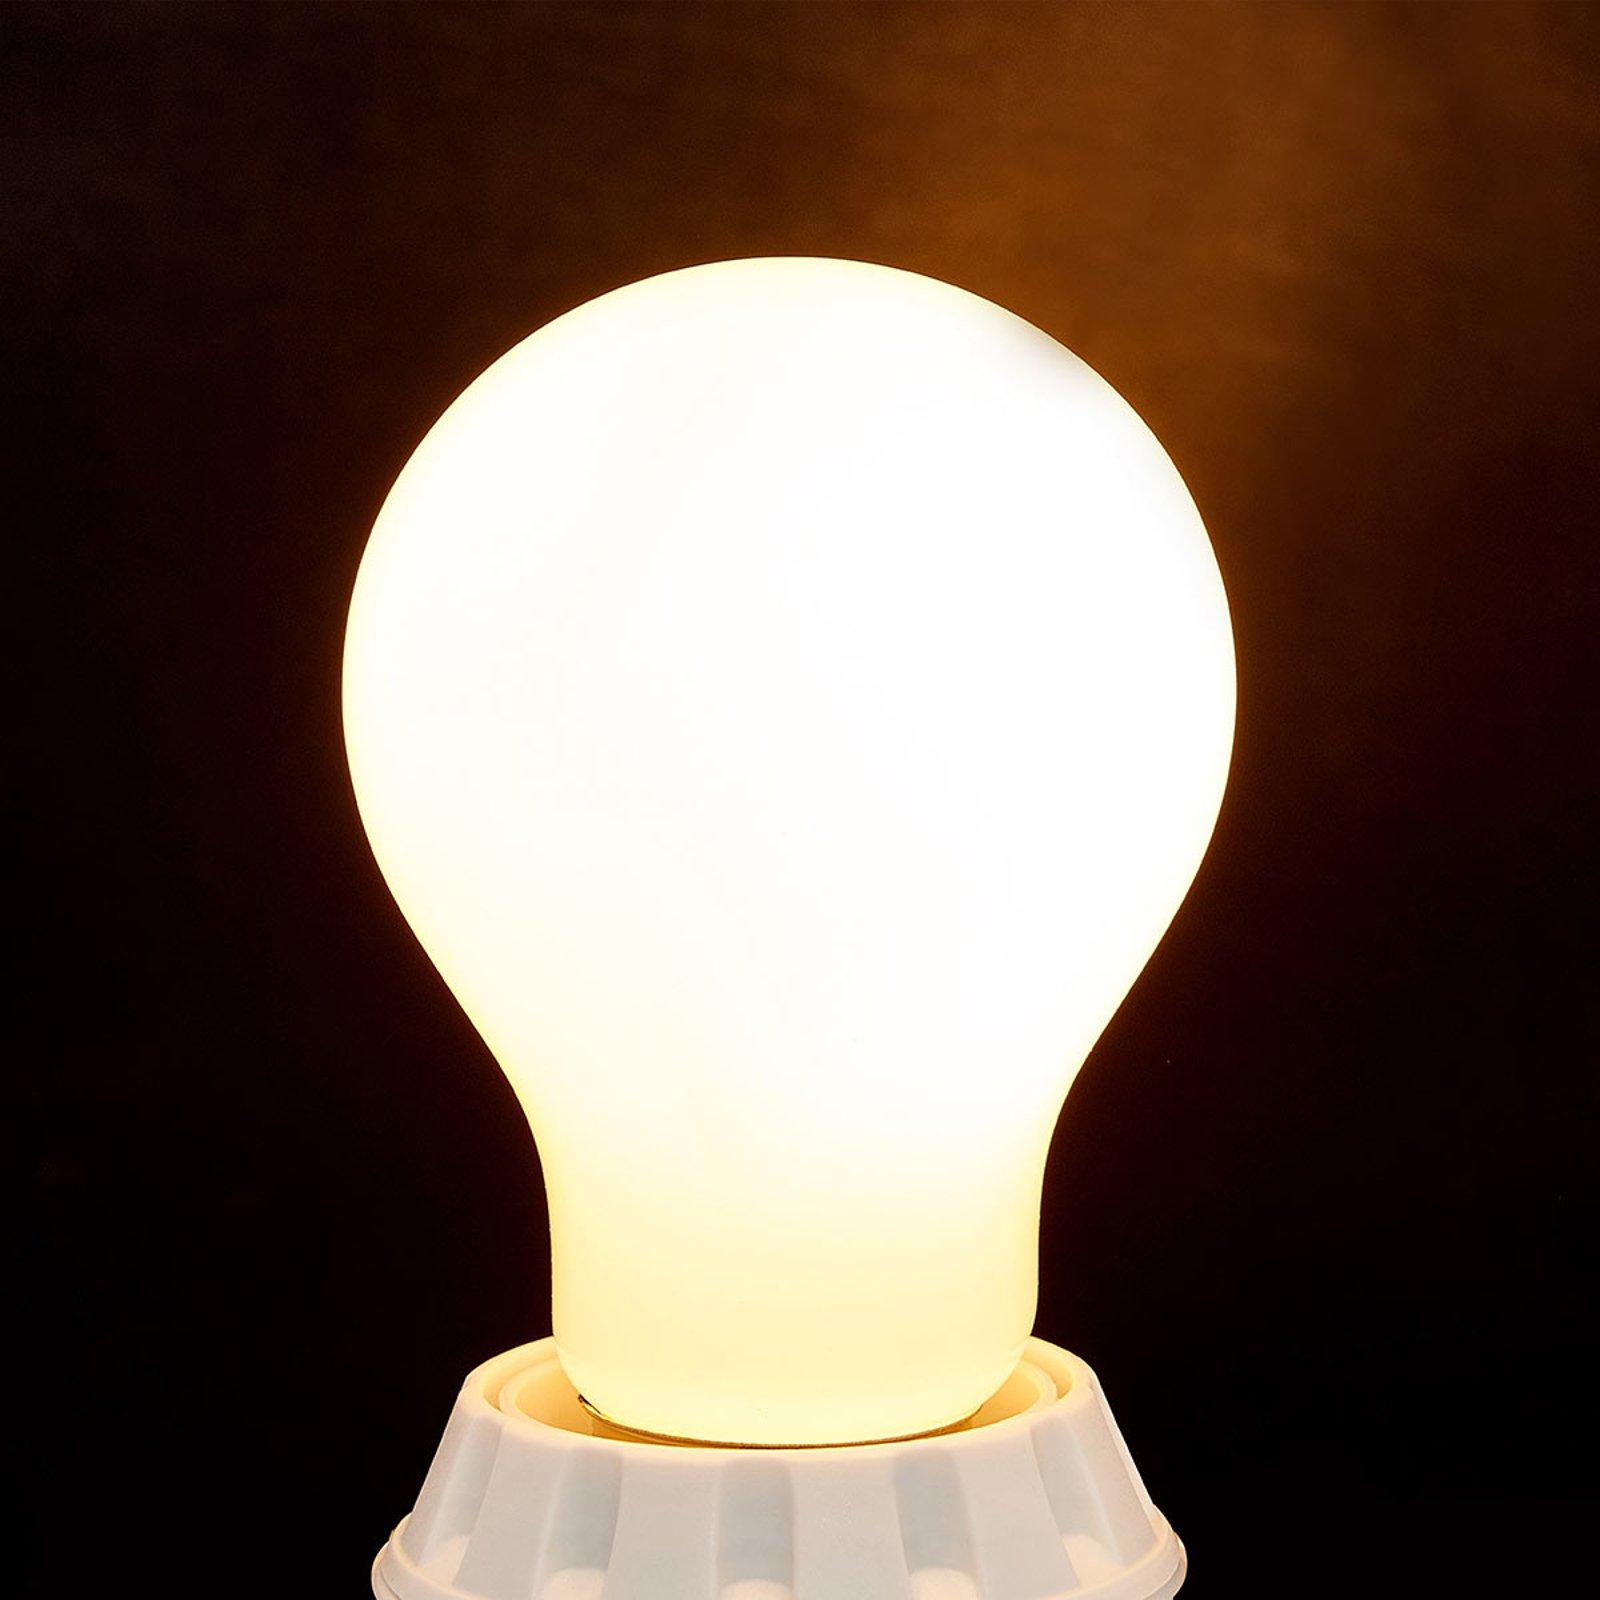 E27 LED-lampe 7 W, 806 lm, 2 700 K, opal